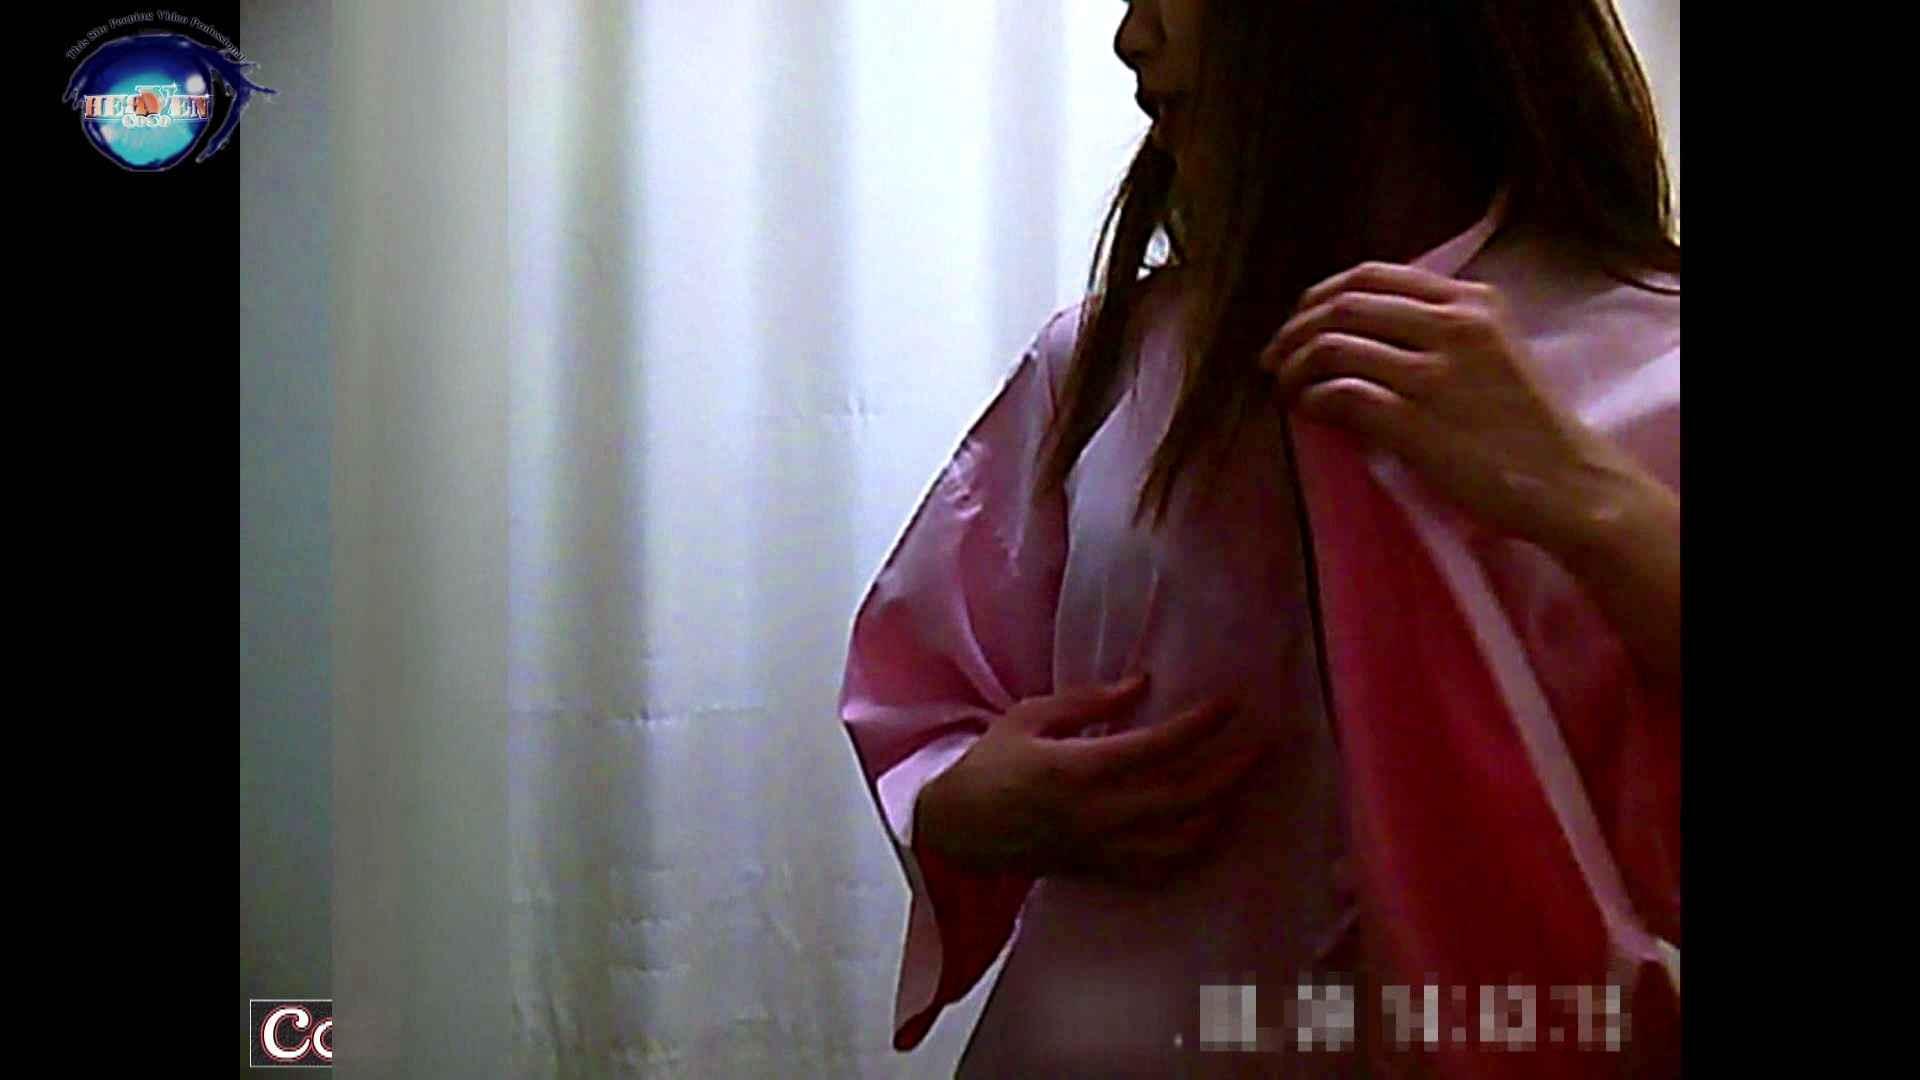 激ヤバ健康診断!着替えの一部始終.vol.13 ※本編ボカシ・目線無し ナースのエロ動画 のぞき 97PIX 95